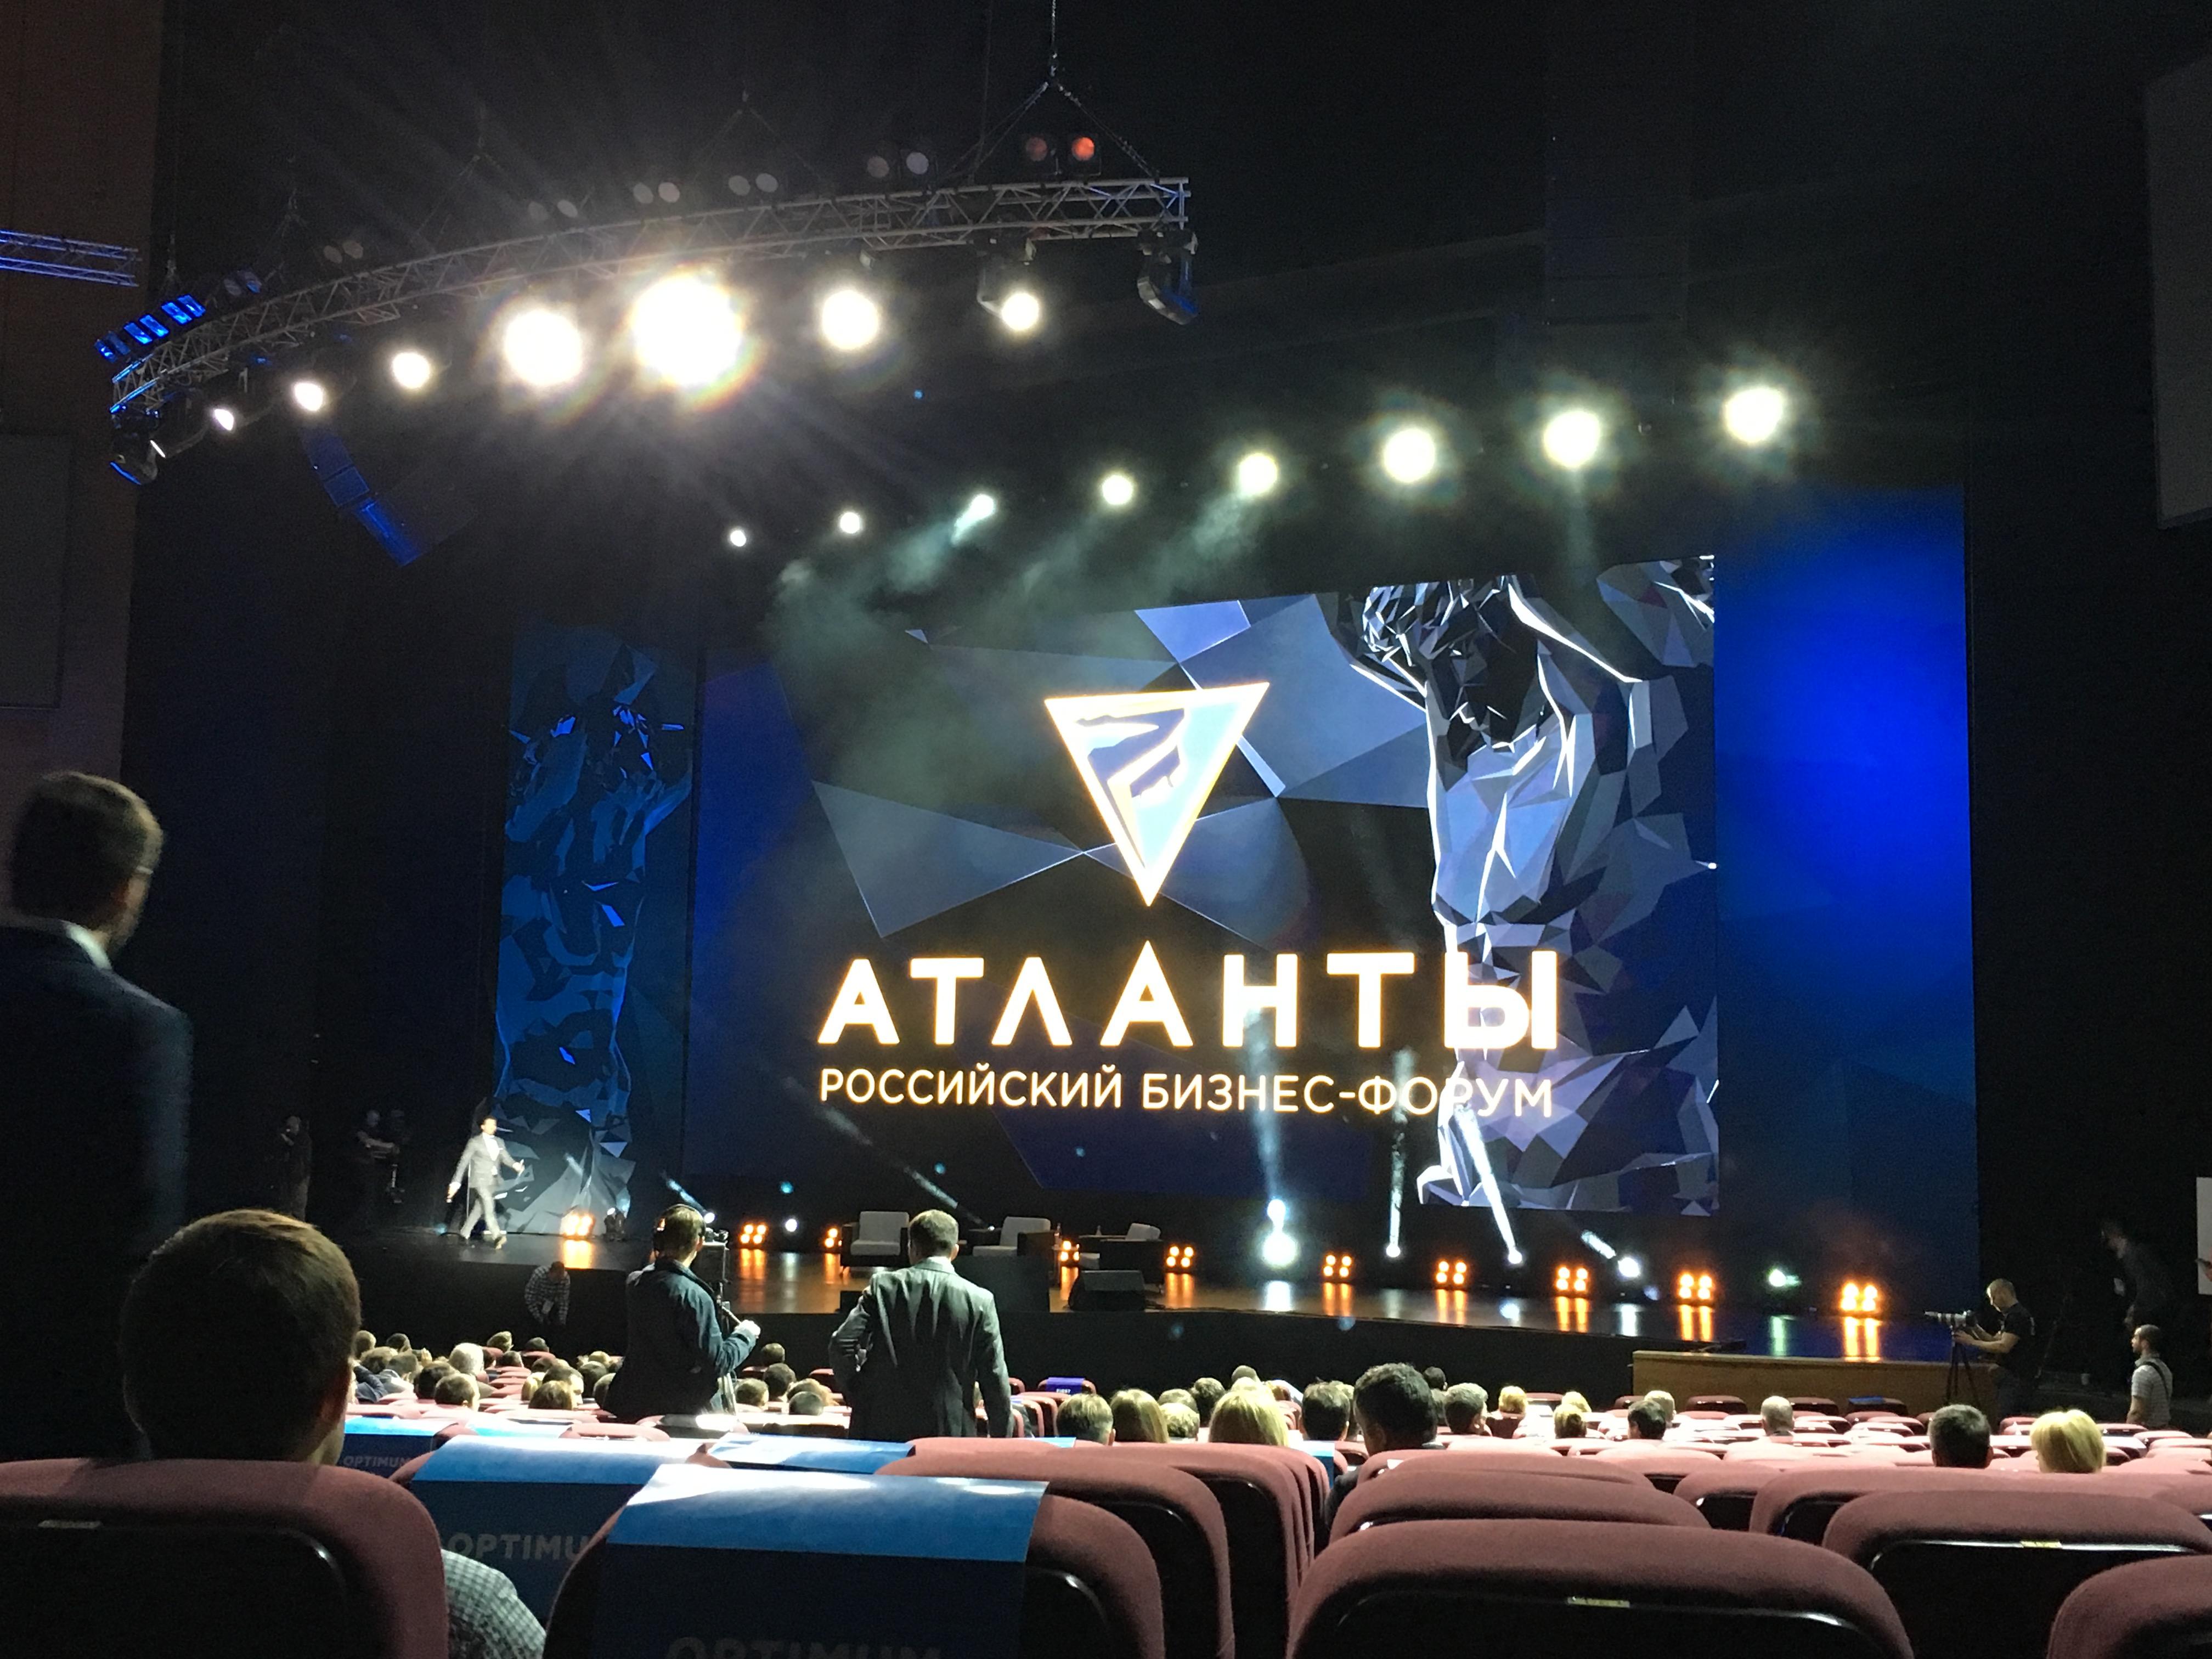 Специалисты ЭТП Федерация приняли участие в Бизнес-Форуме Атланты